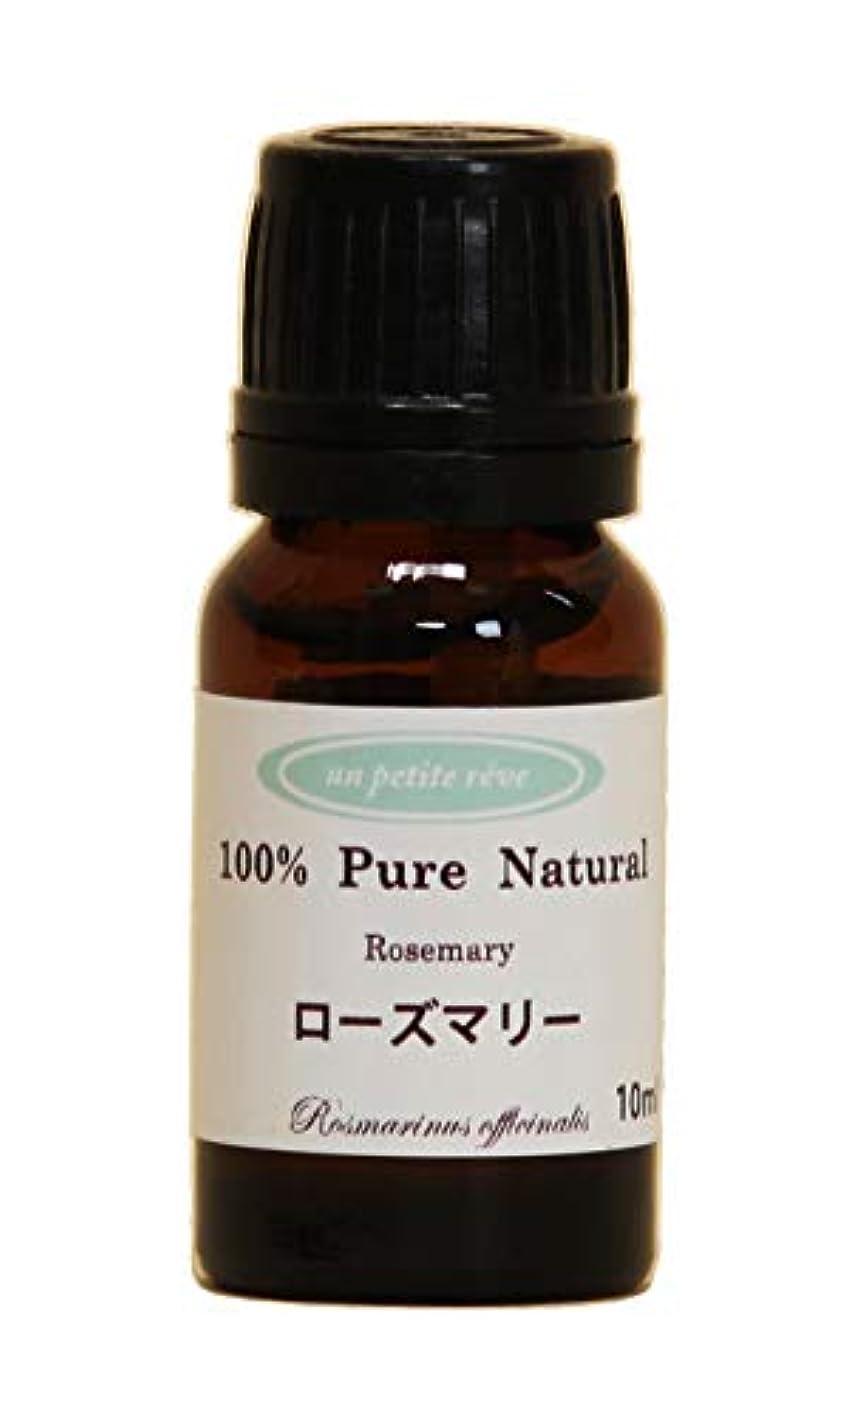 ウェイトレス決定的グレートオークローズマリー 10ml 100%天然アロマエッセンシャルオイル(精油)